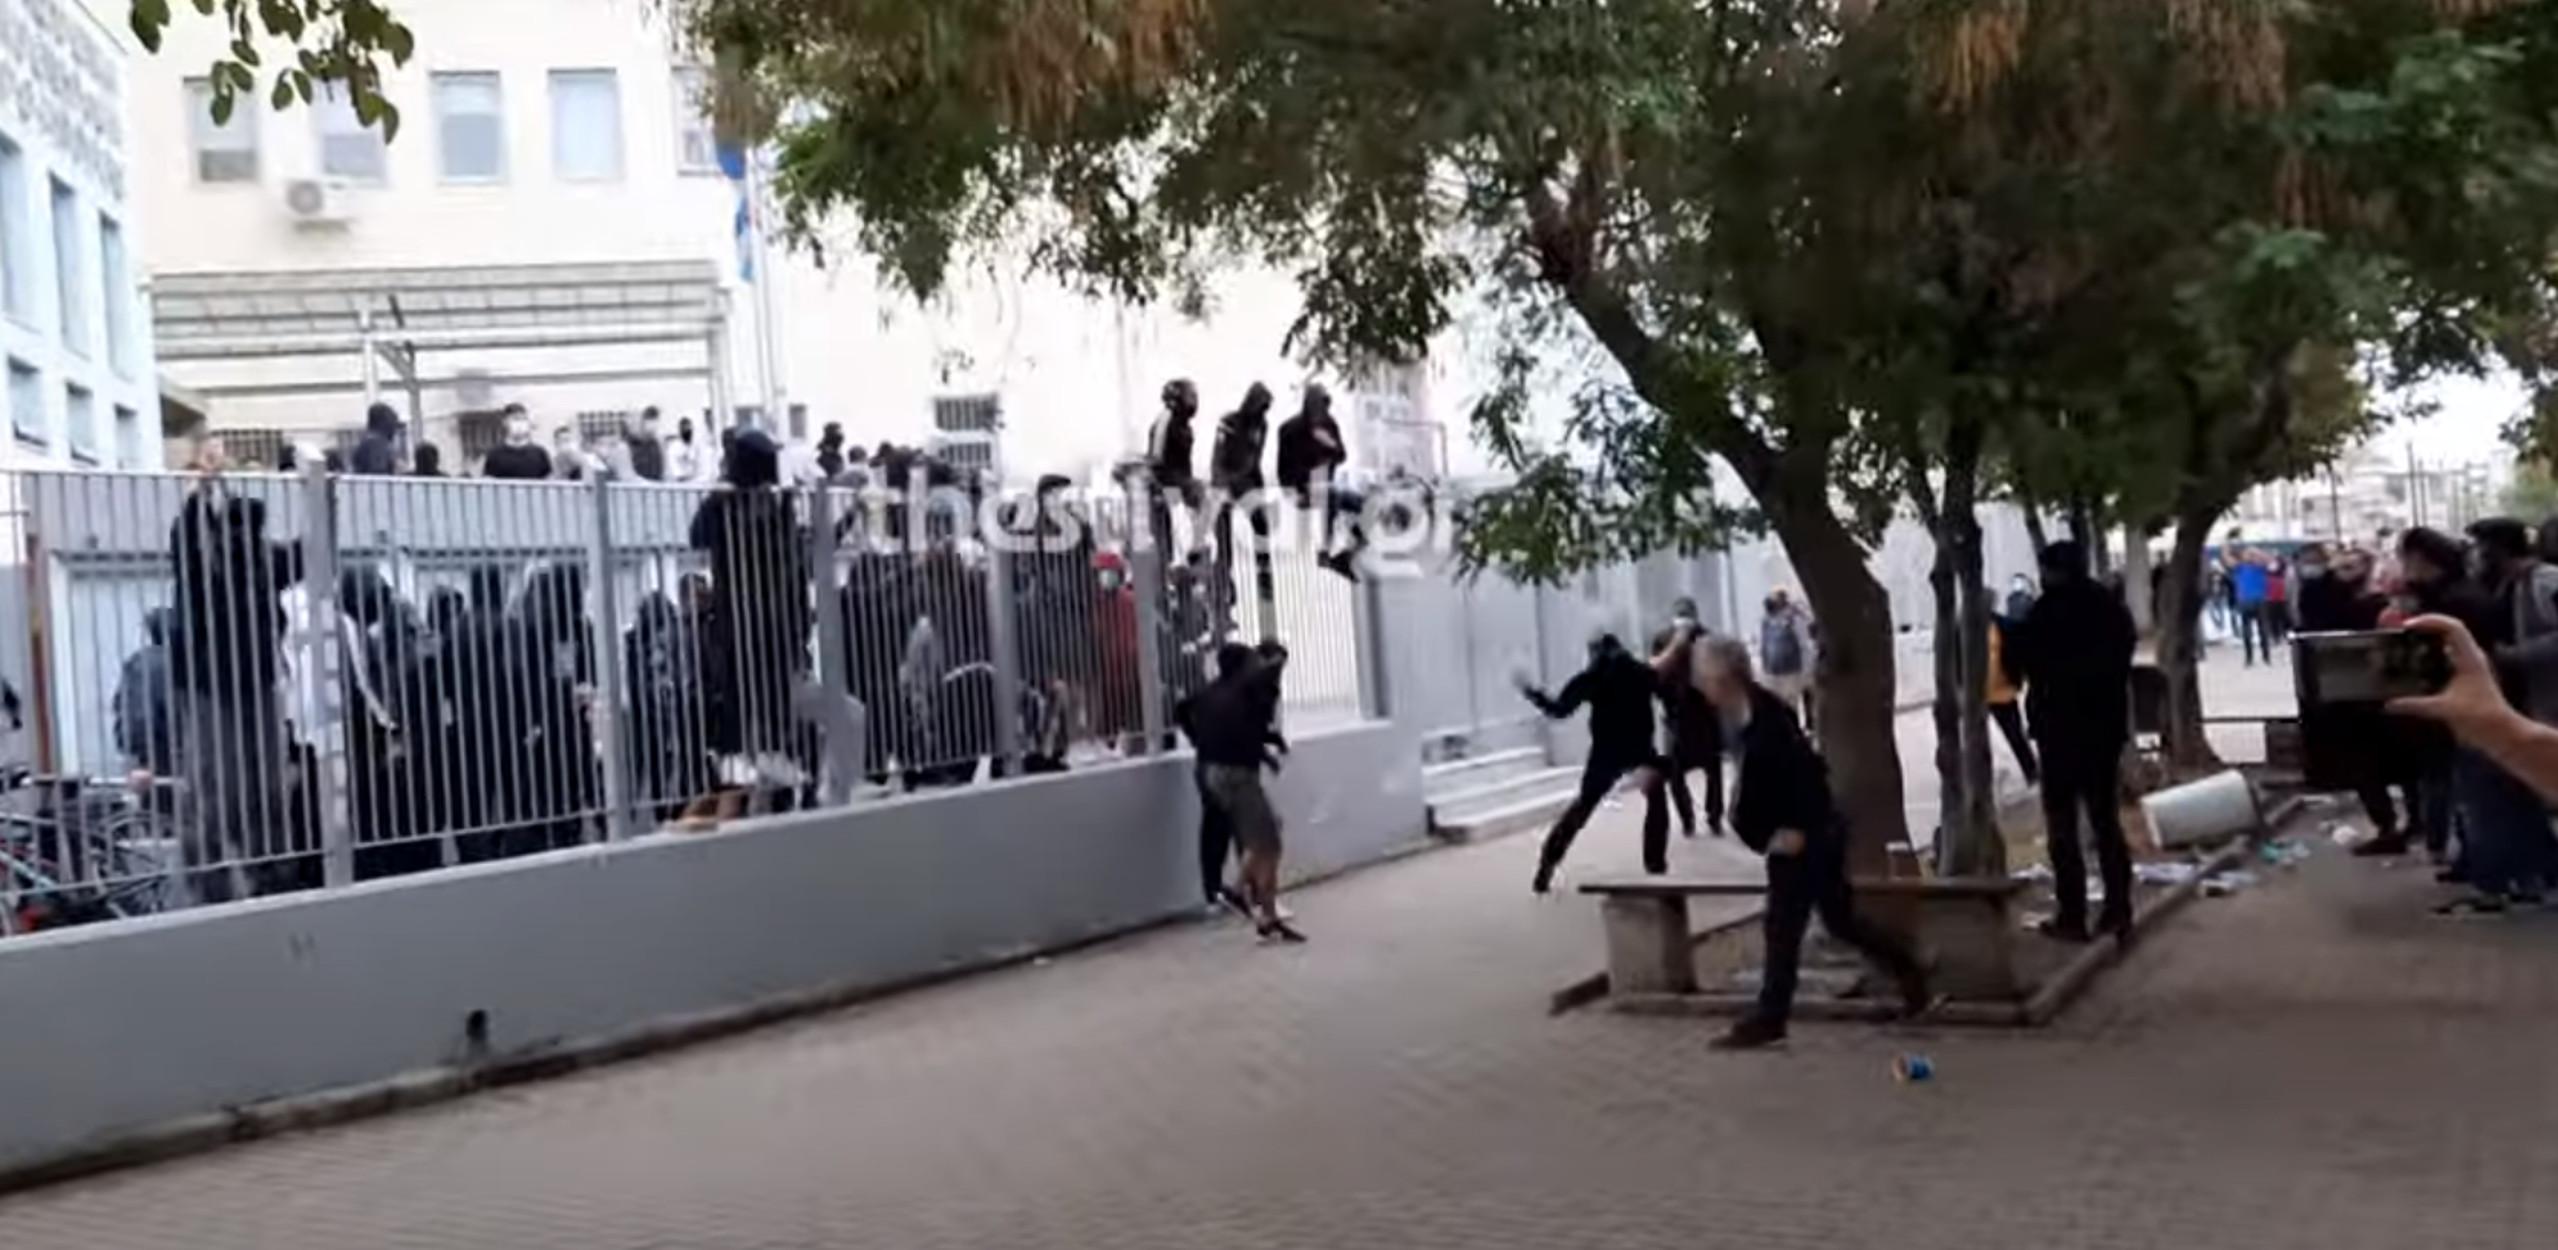 Θεσσαλονίκη – ΕΠΑΛ Σταυρούπολης: Παρέμβαση εισαγγελέα ζητά η Νίκη Κεραμέως